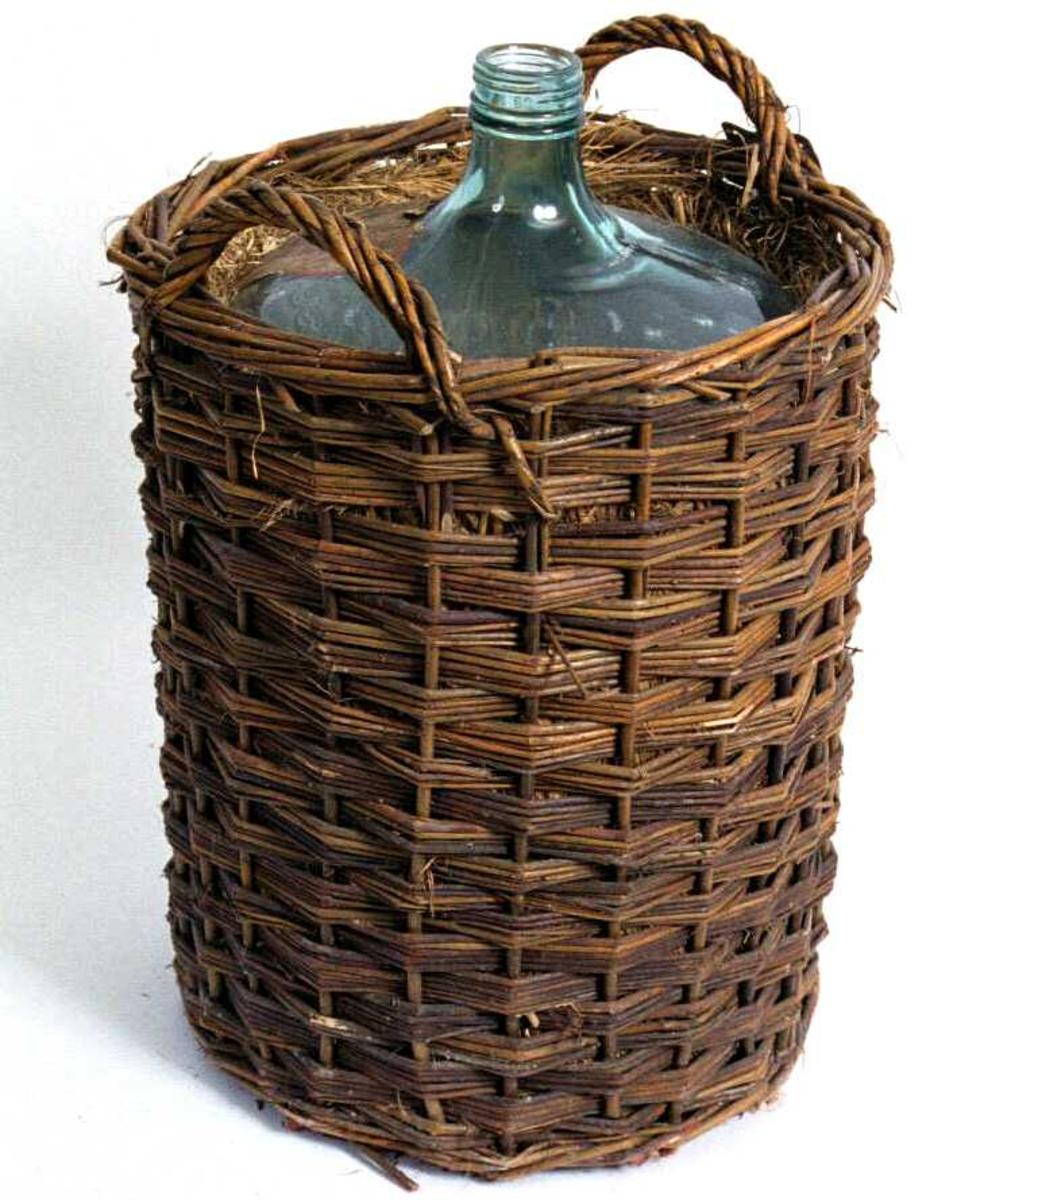 Vinballong av glass, plassert i en kurv flettet av ubarkede pilekvister, utforet m. tvunnet høy. Etikett av jernblikk festet til kurven, etikett av papir klebet til glassballongen.